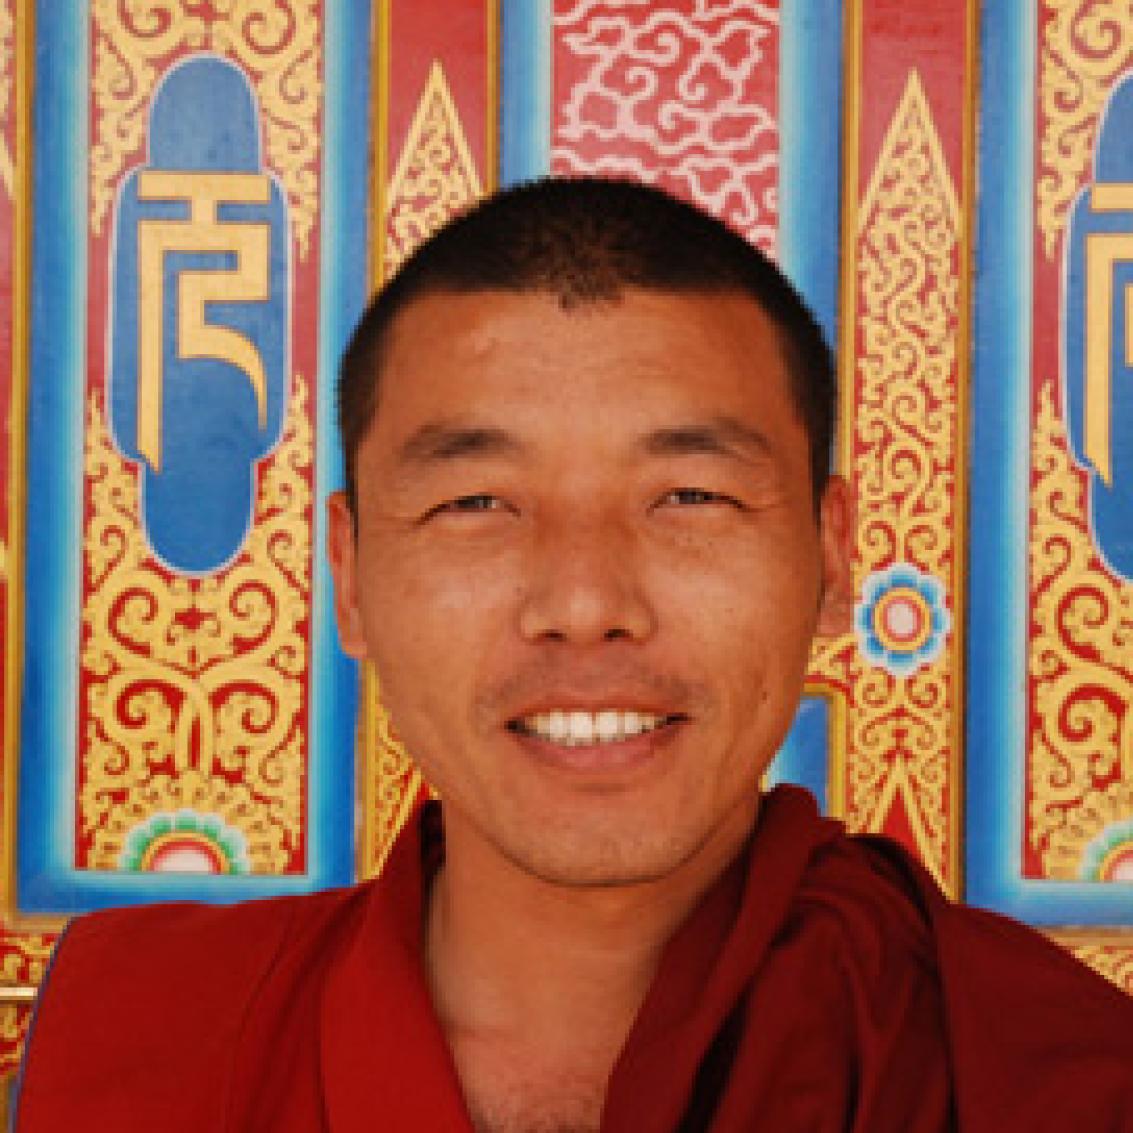 Ngawang Norbu